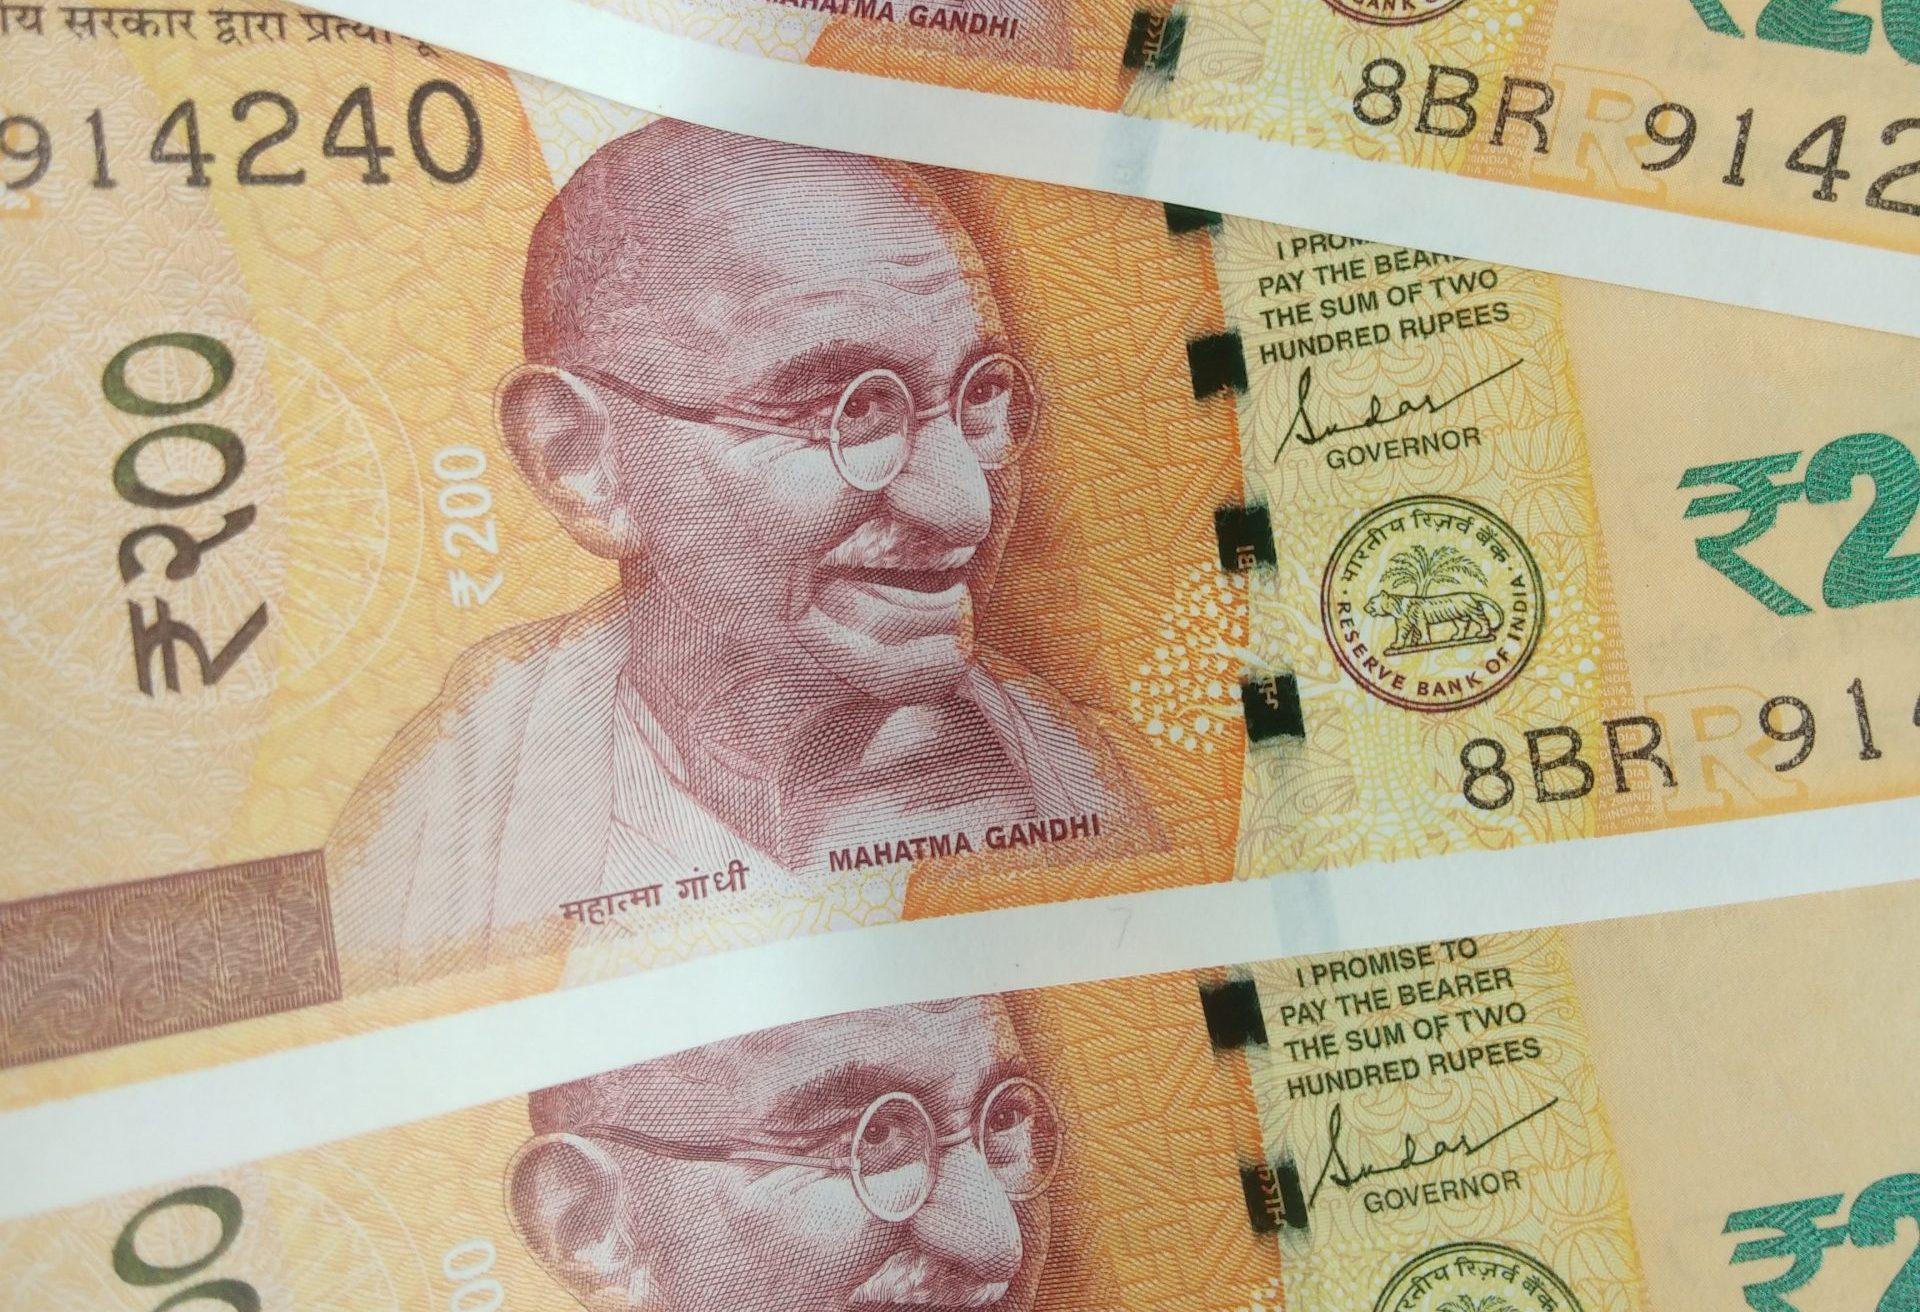 نظر بنك الاحتياطي الهندي في إمكانية إصدار عملتة الرقمية